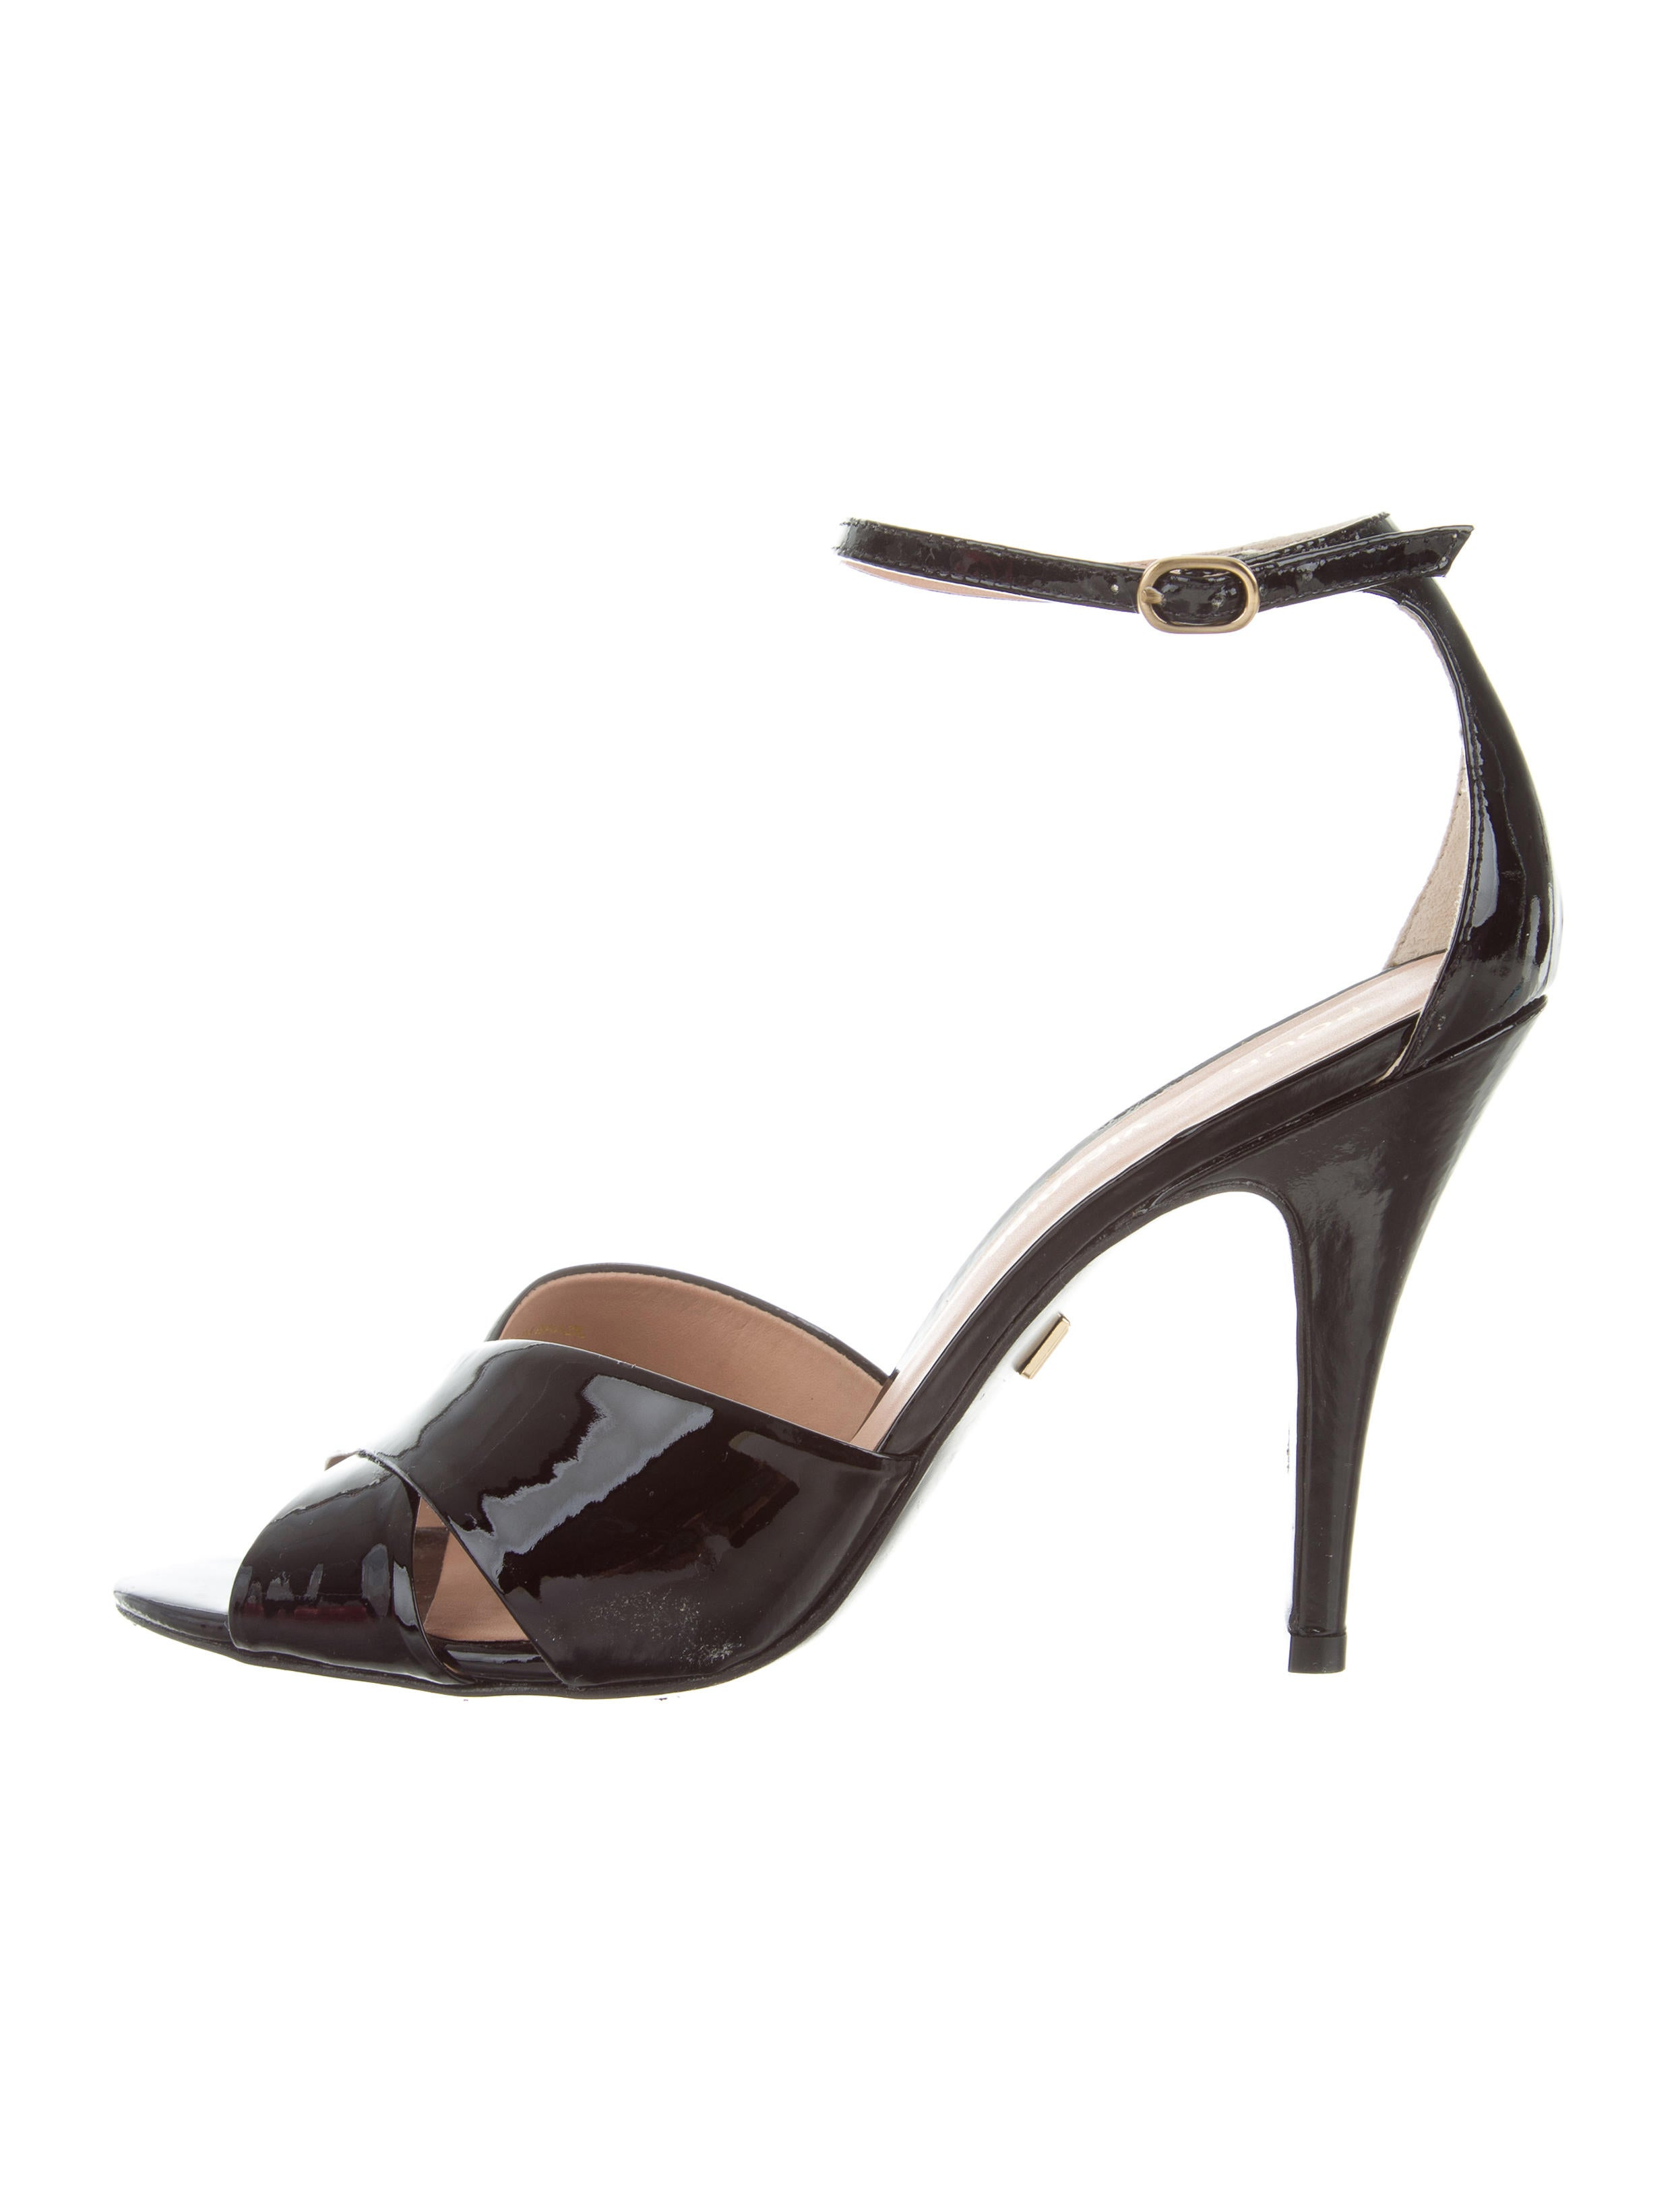 Pour La Victoire Crossover Ankle-Strap Sandals buy cheap cheapest price marketable sale online zH7LJ